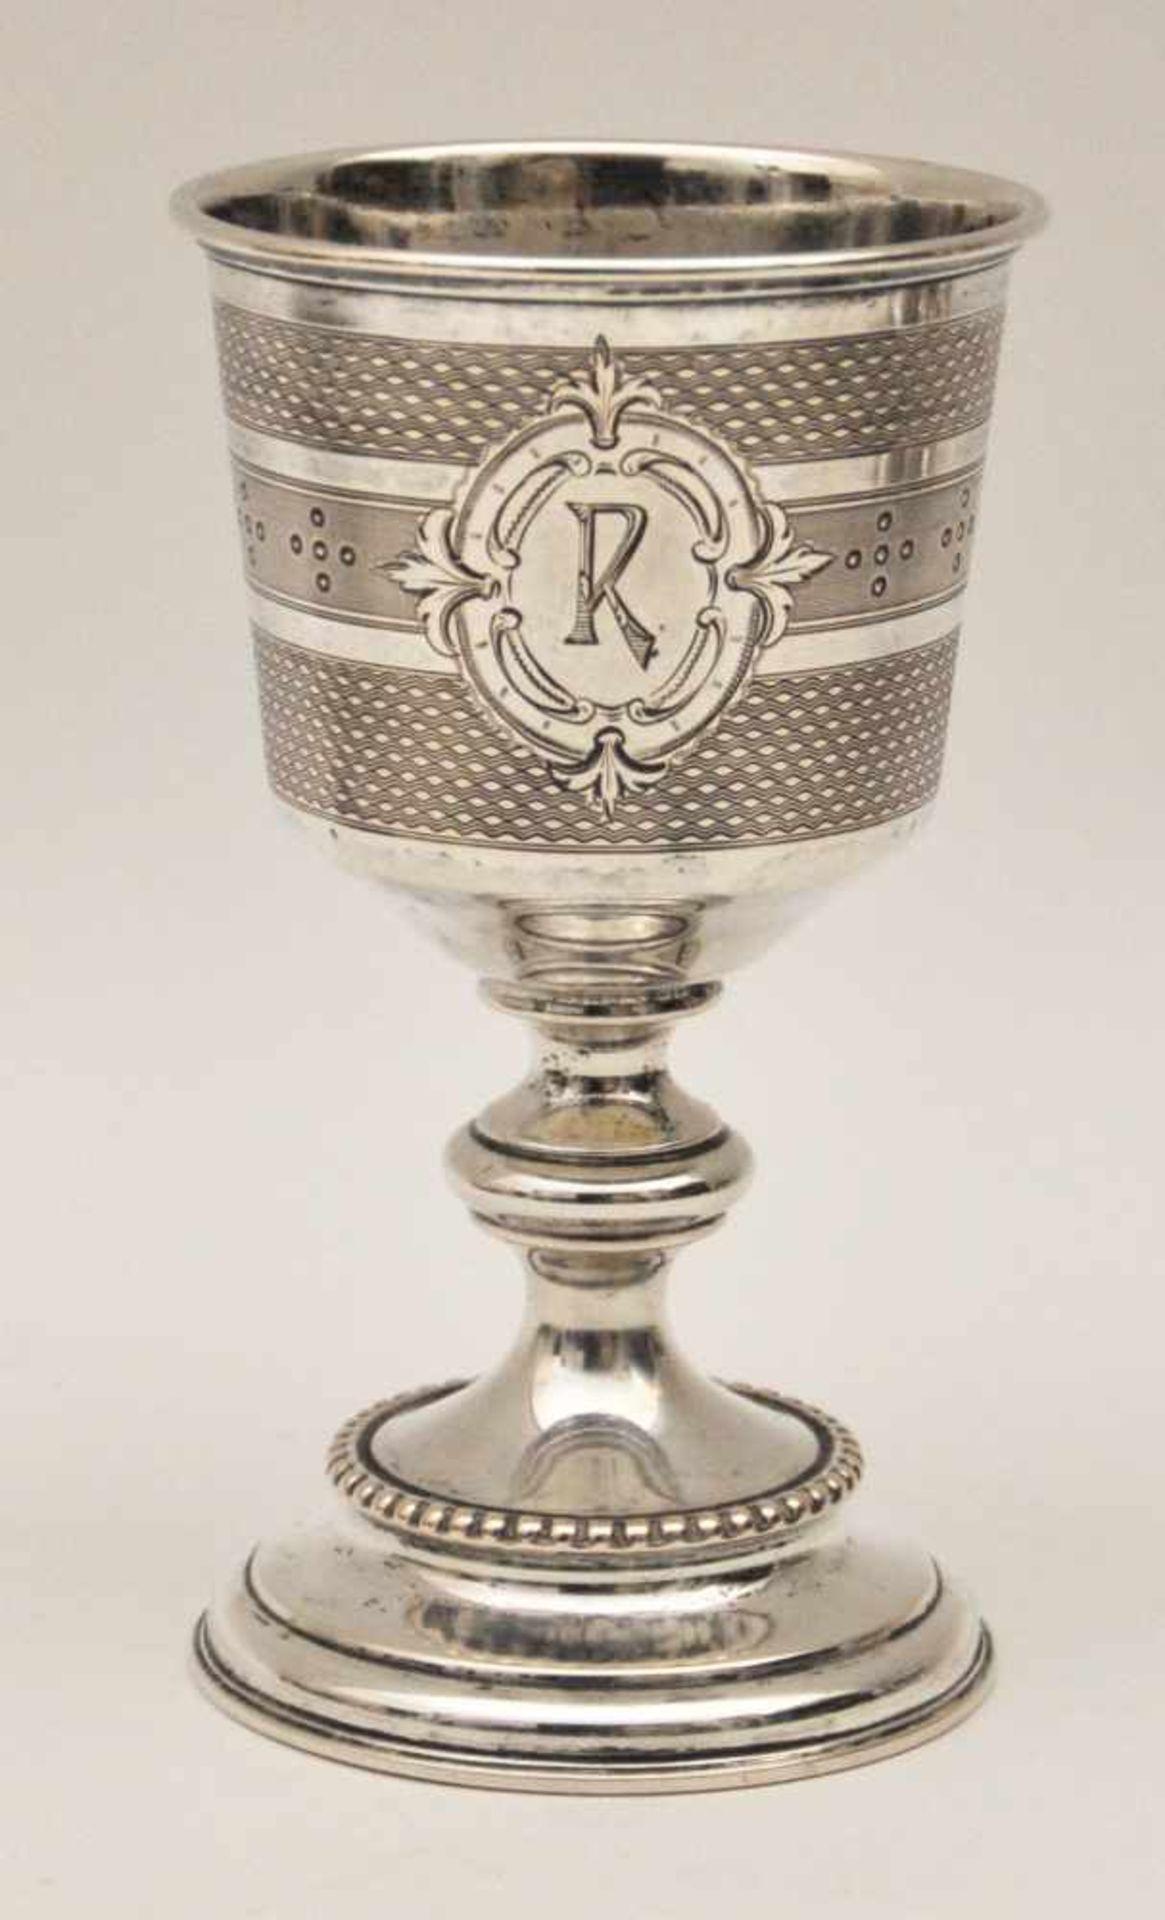 Kidduschbecher, Deutsch 19. Jh.Ziseliert graviert, Silberbecher 750 fein, Gewicht 95 g, Höhe 13 cm